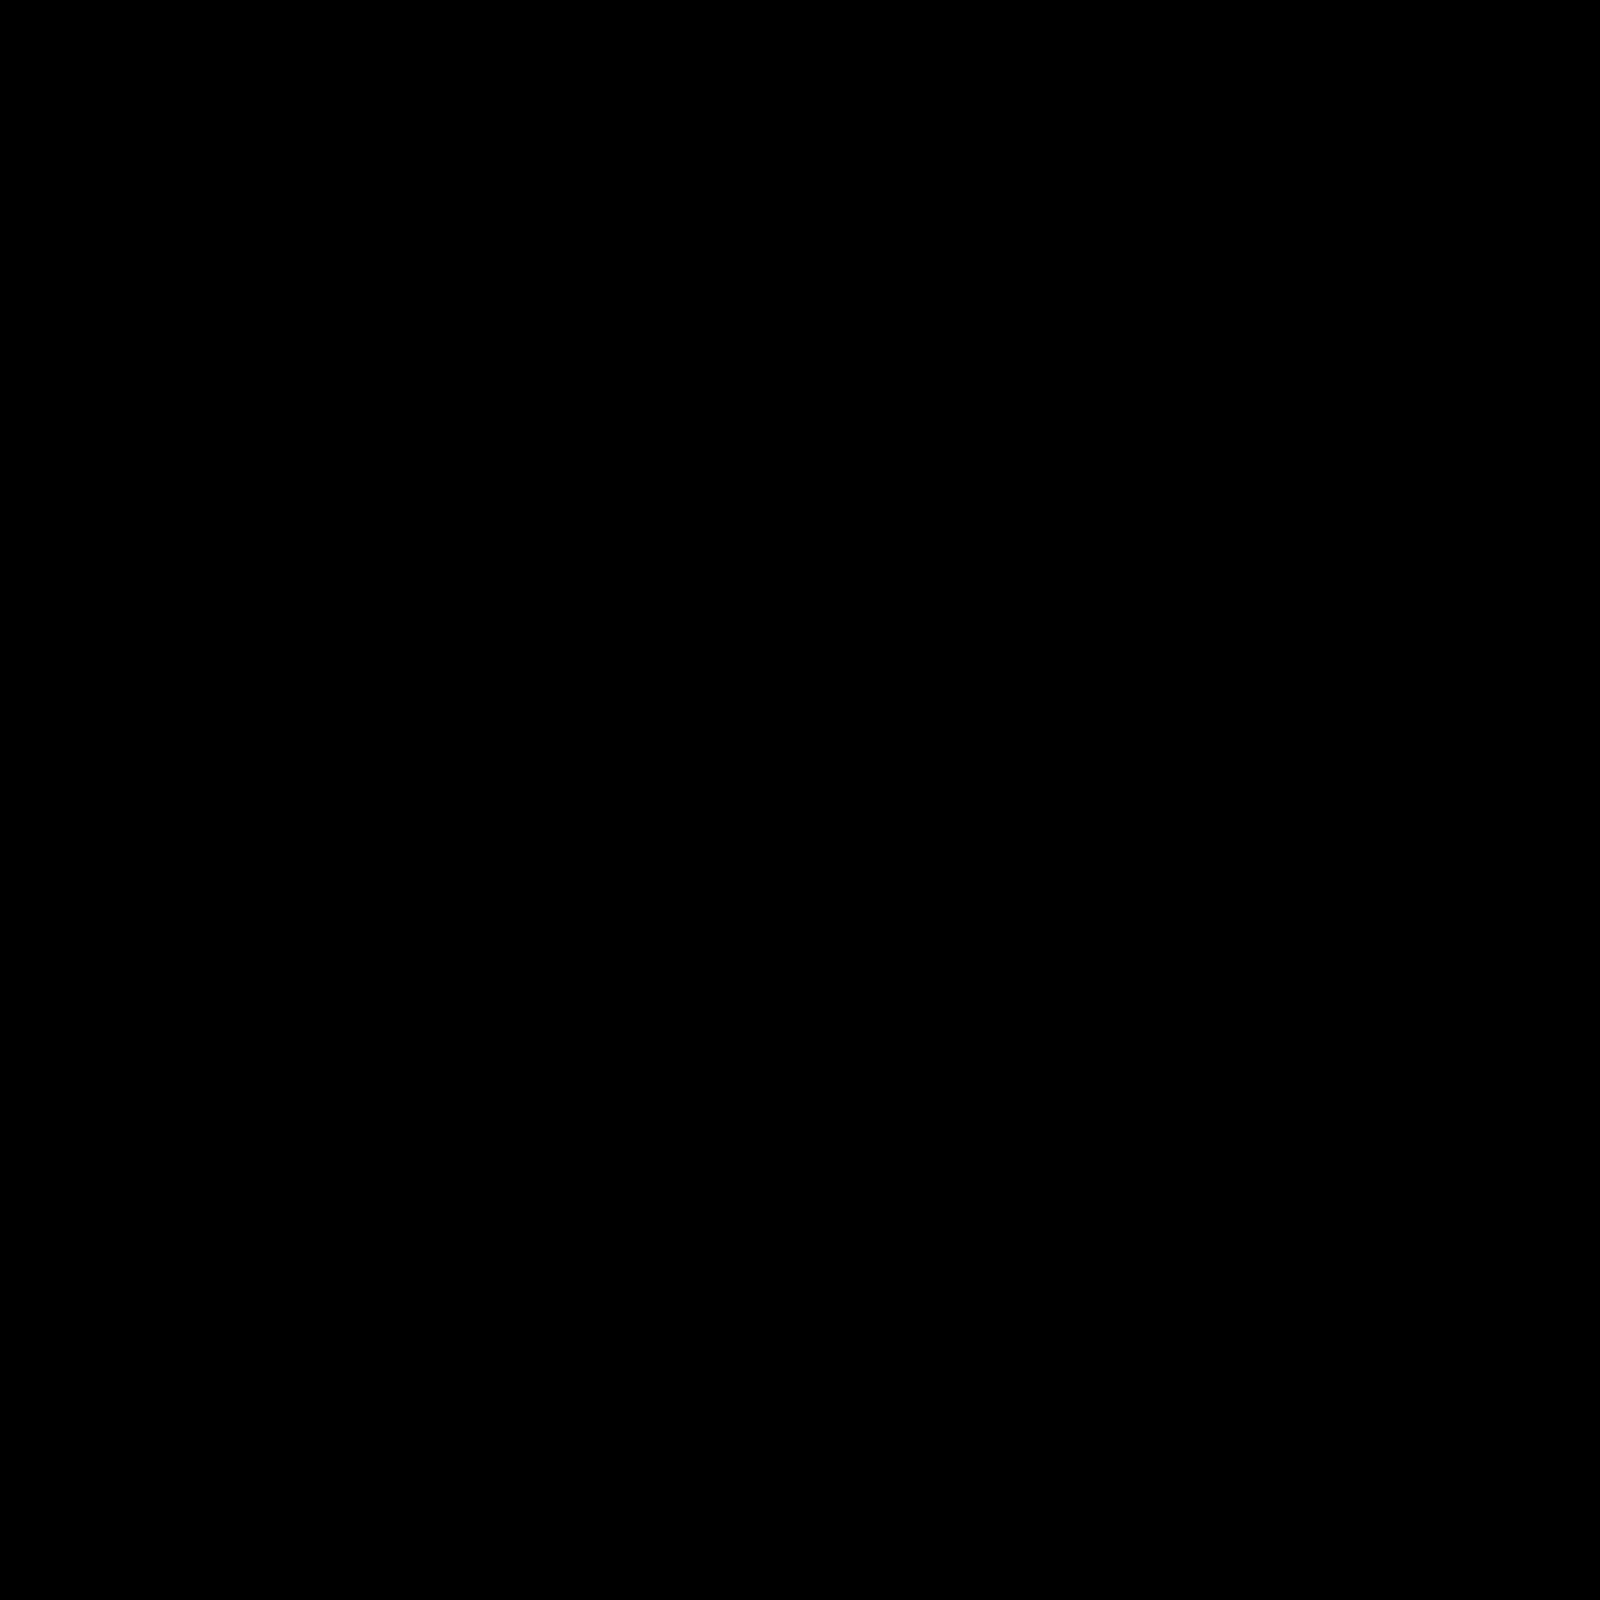 グレースケール icon